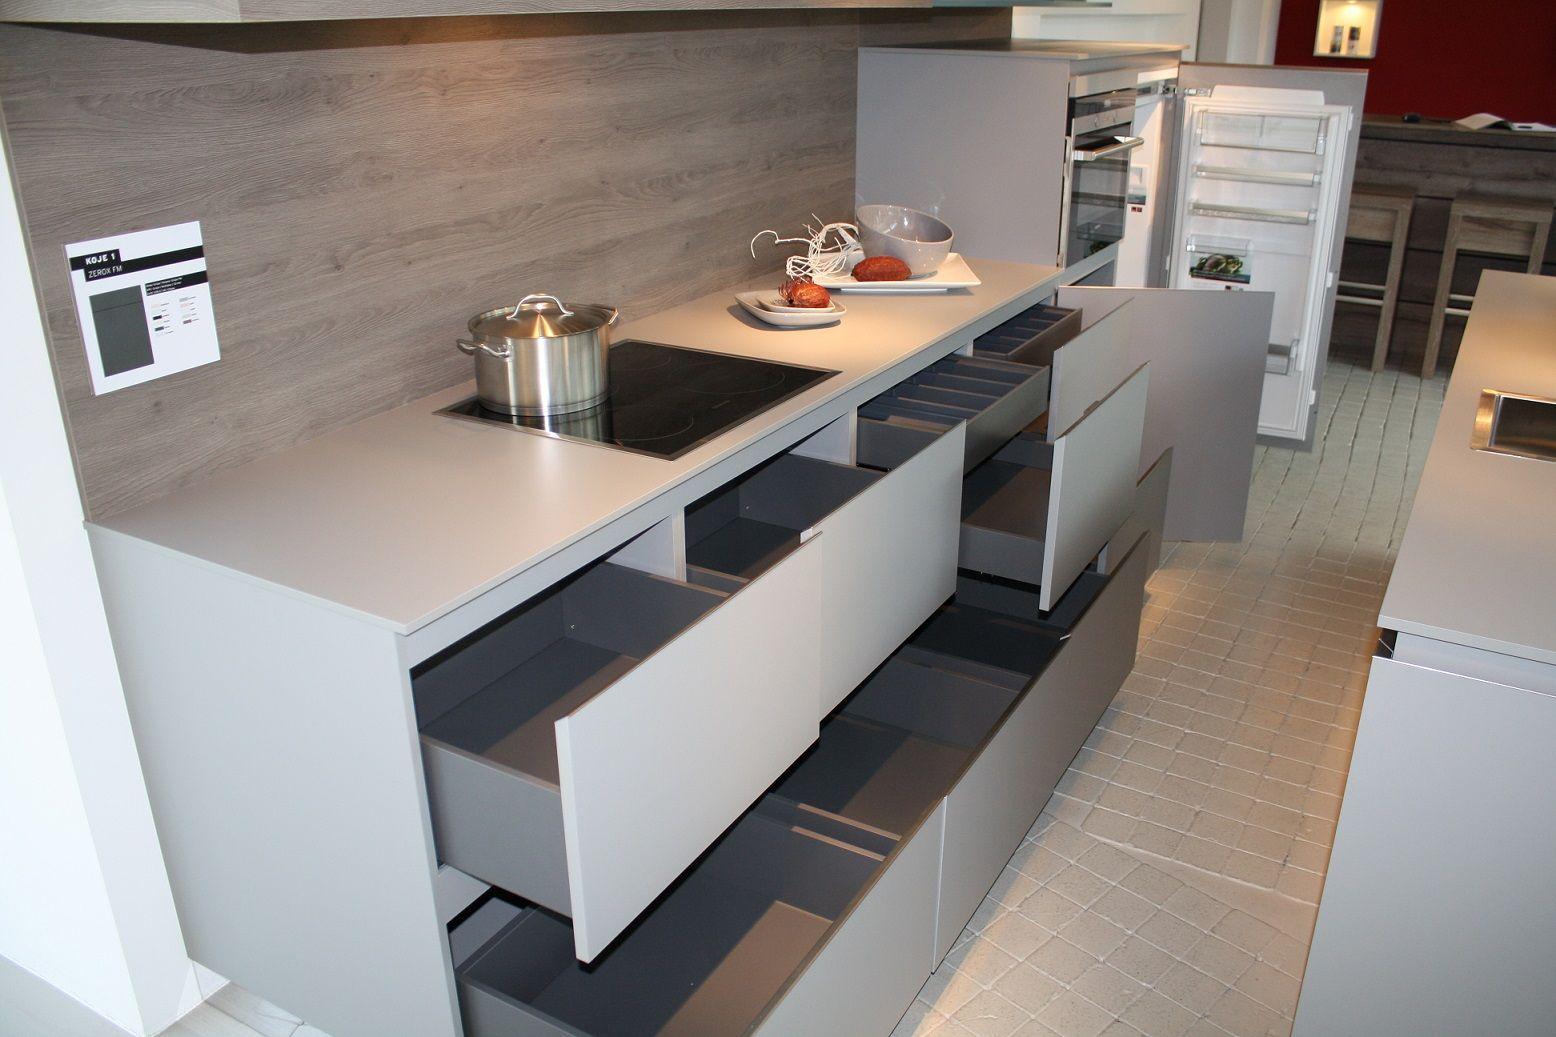 moderne eiland keuken 1 5 51019 een rustige matte eiland keuken met ...